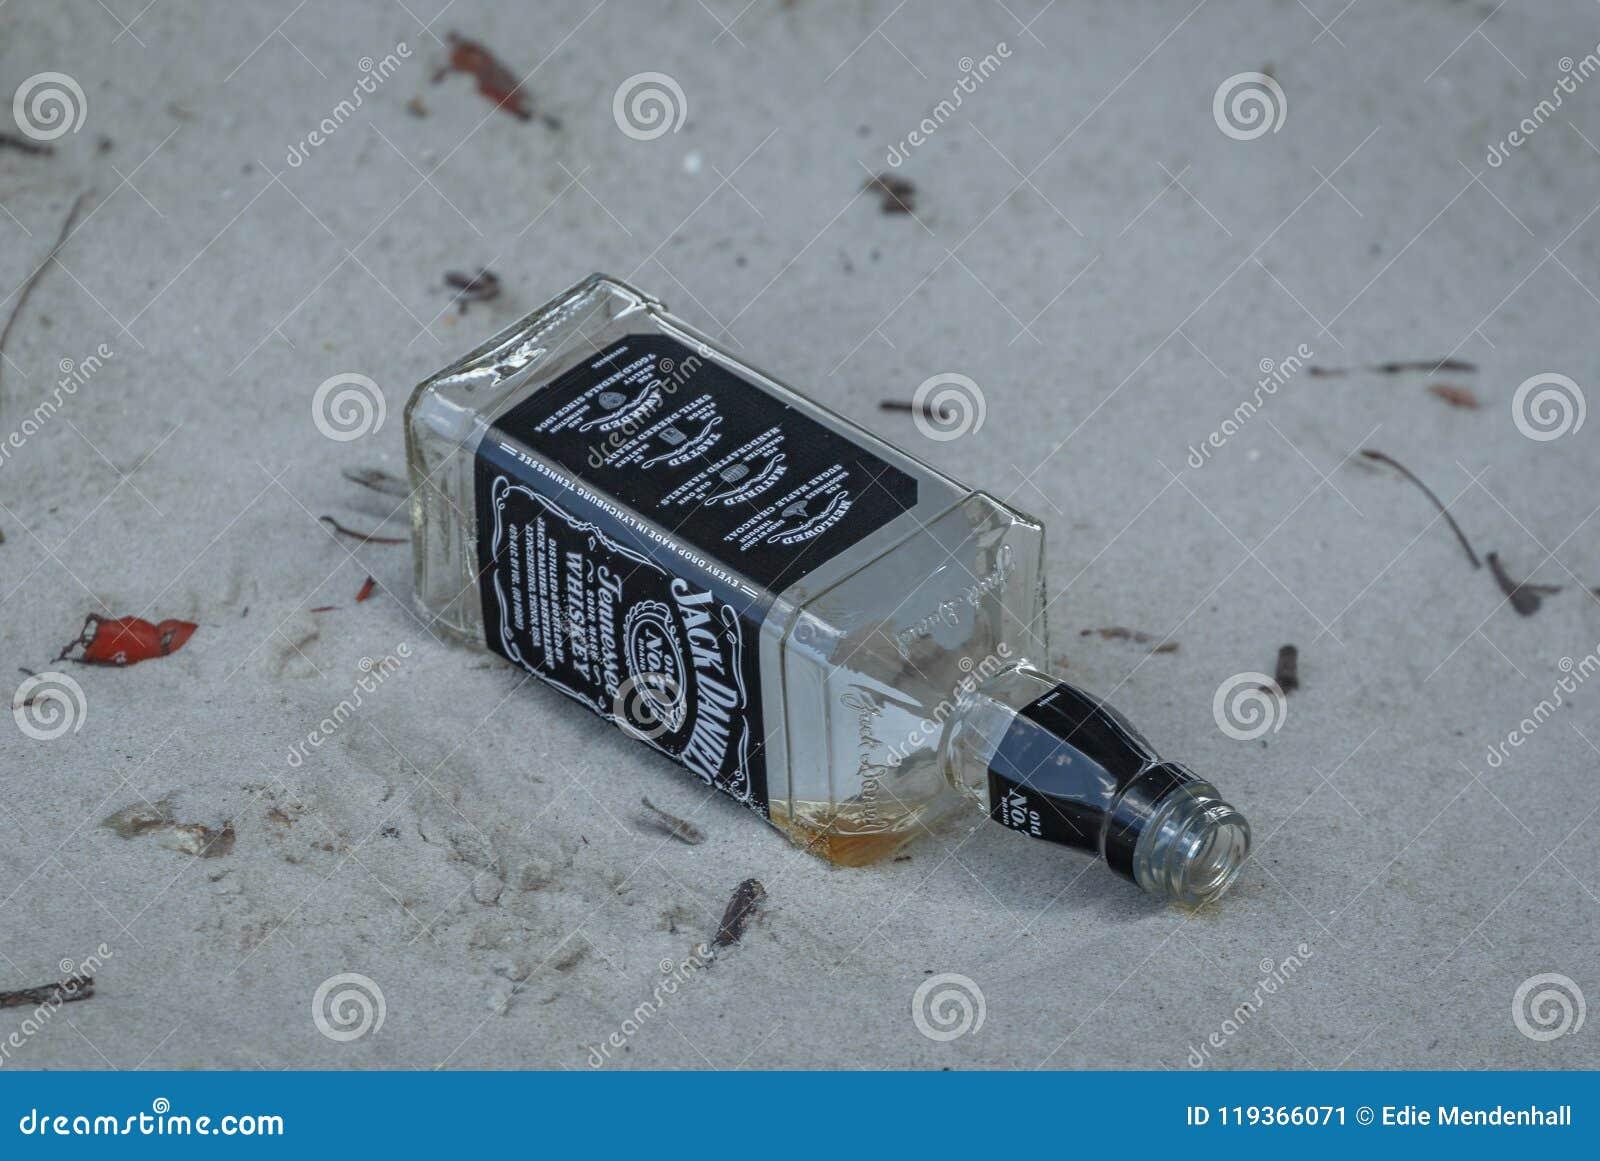 Arena de Jack Daniels Bottle Empty In